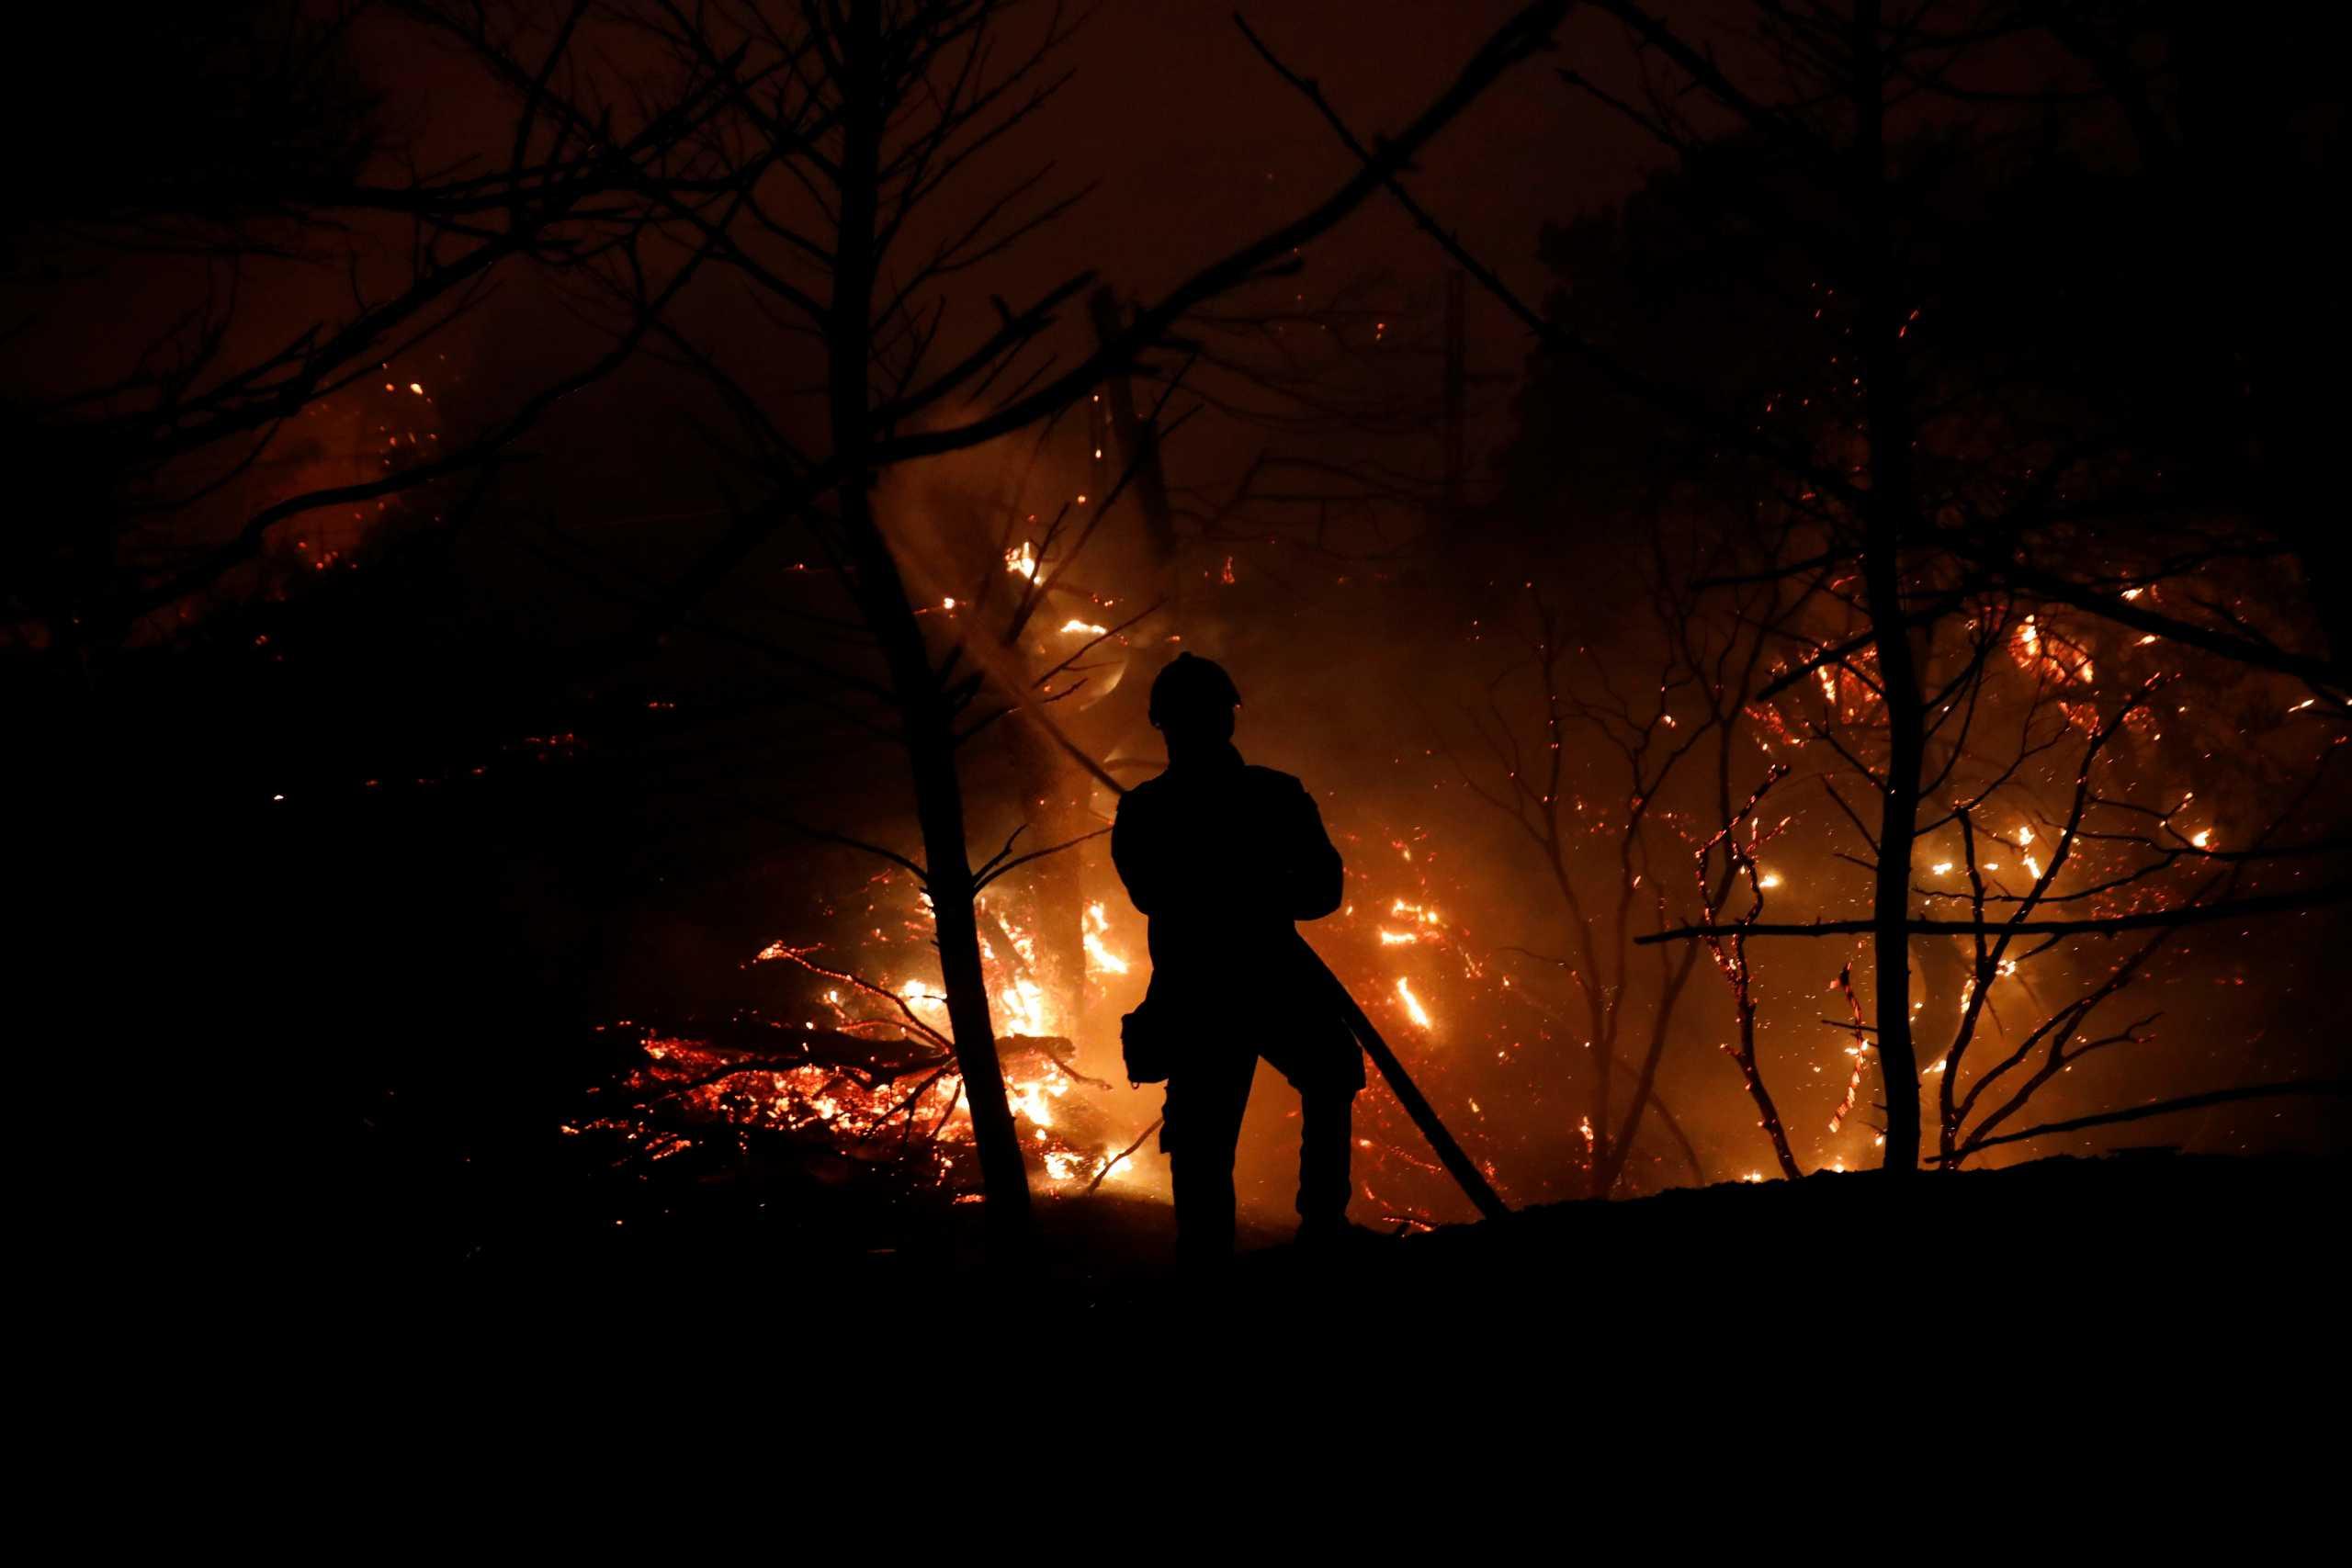 Φωτιές στην Ηλεία: «Οργανωμένο σχέδιο εμπρησμού χωρίς καμία αμφιβολία»